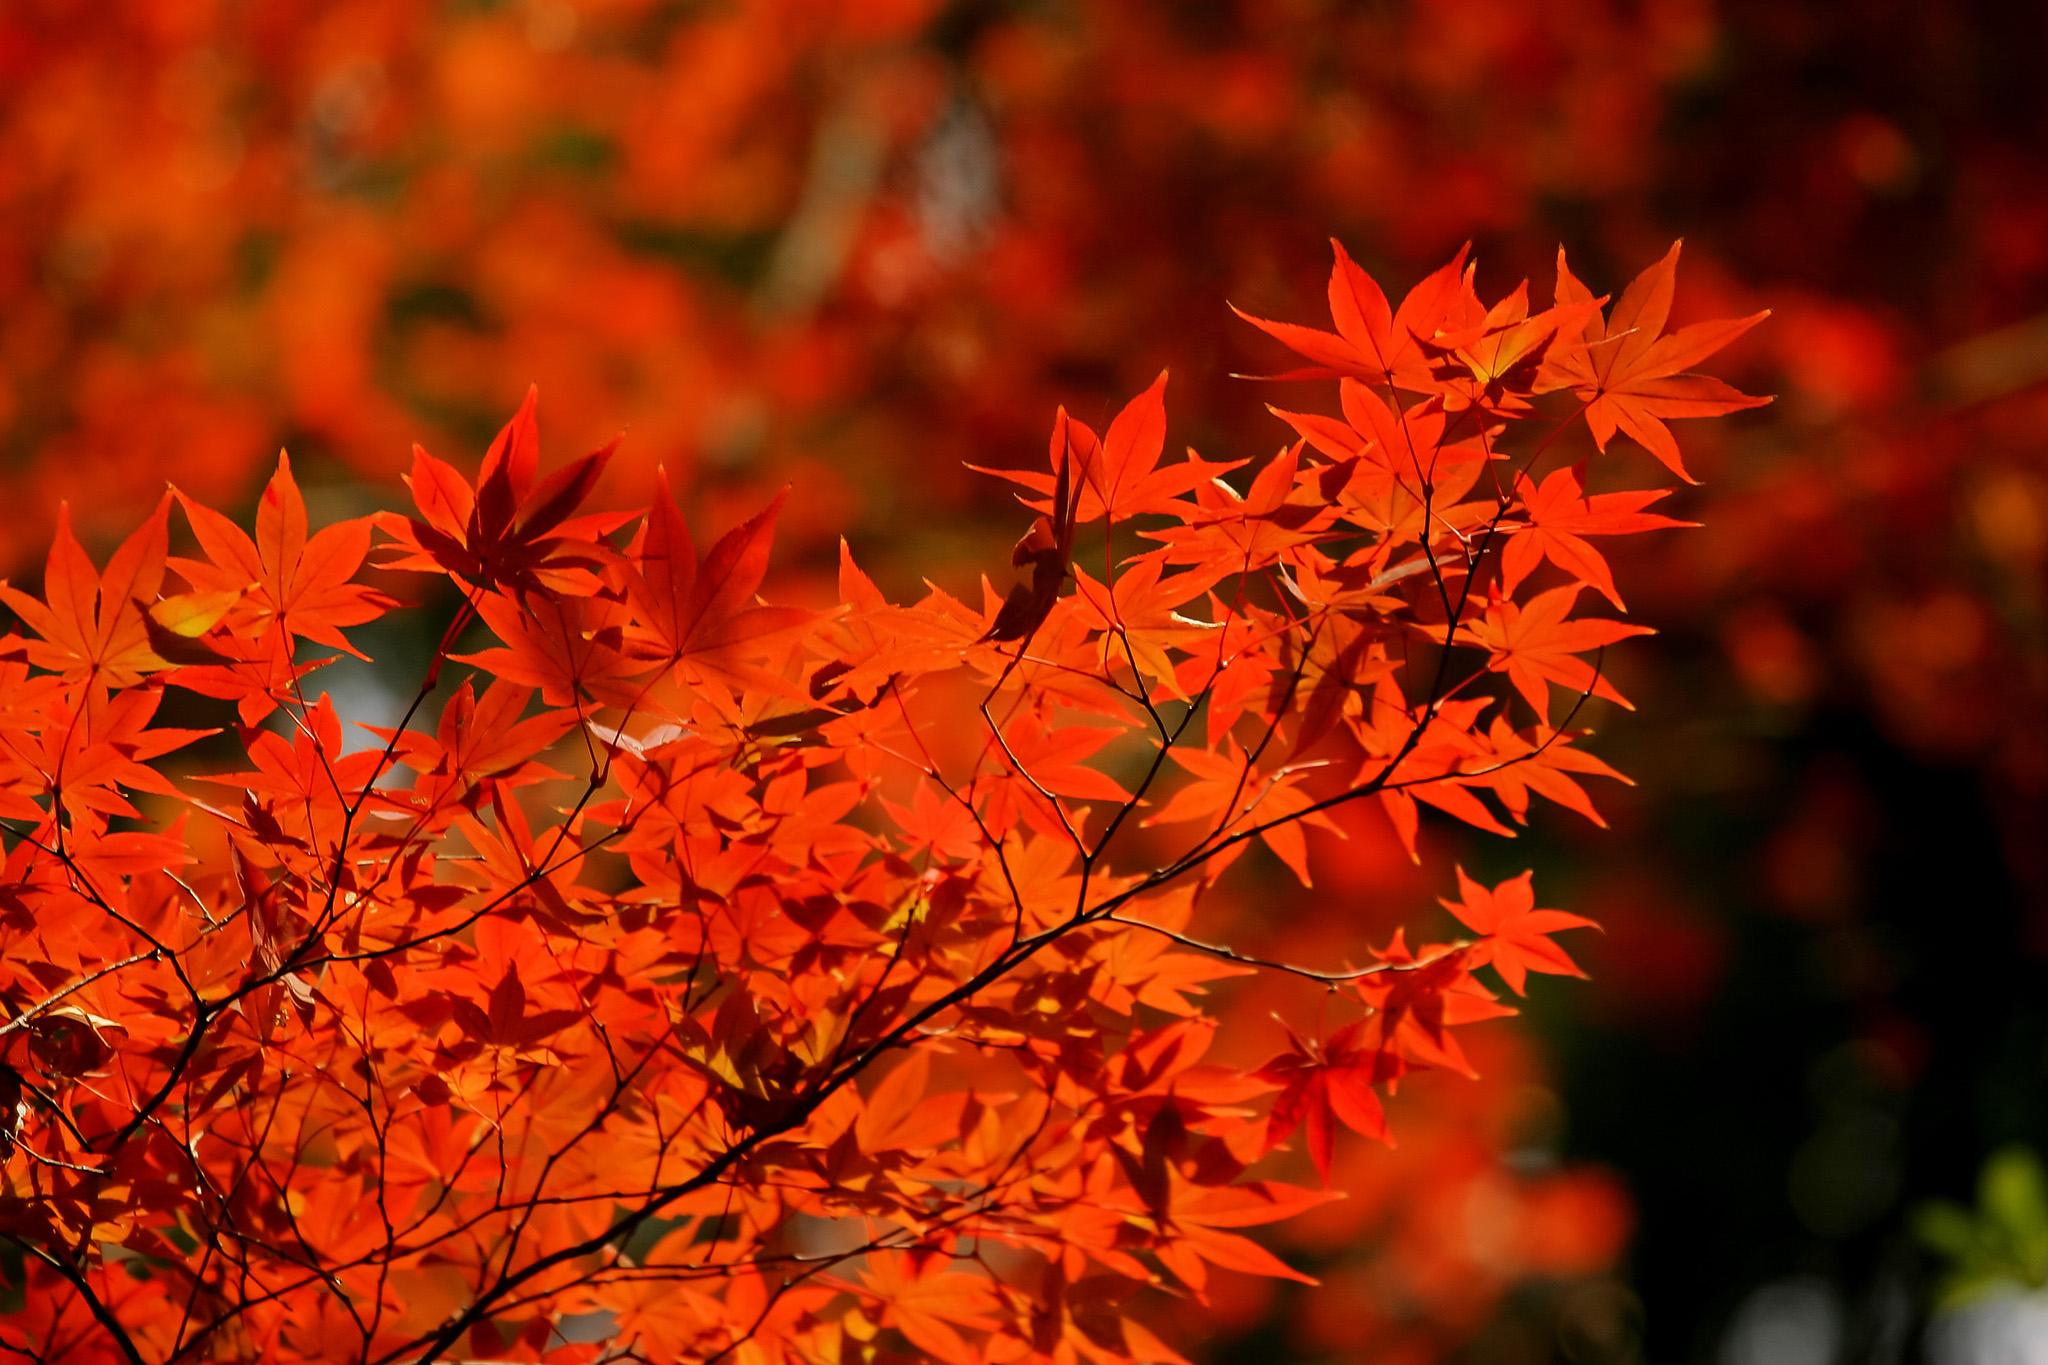 「赤く紅葉する無数の葉」の写真素材を無料ダウンロード